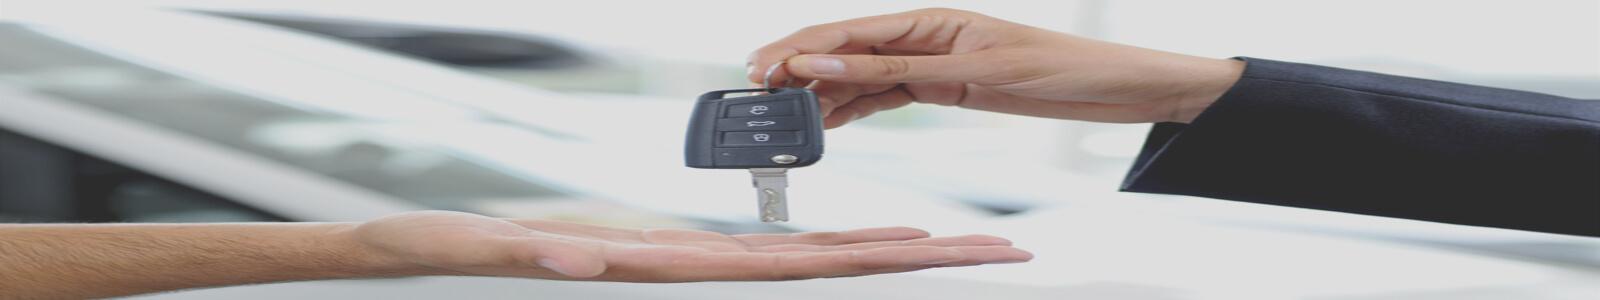 Autoankauf autoexport in Schweiz